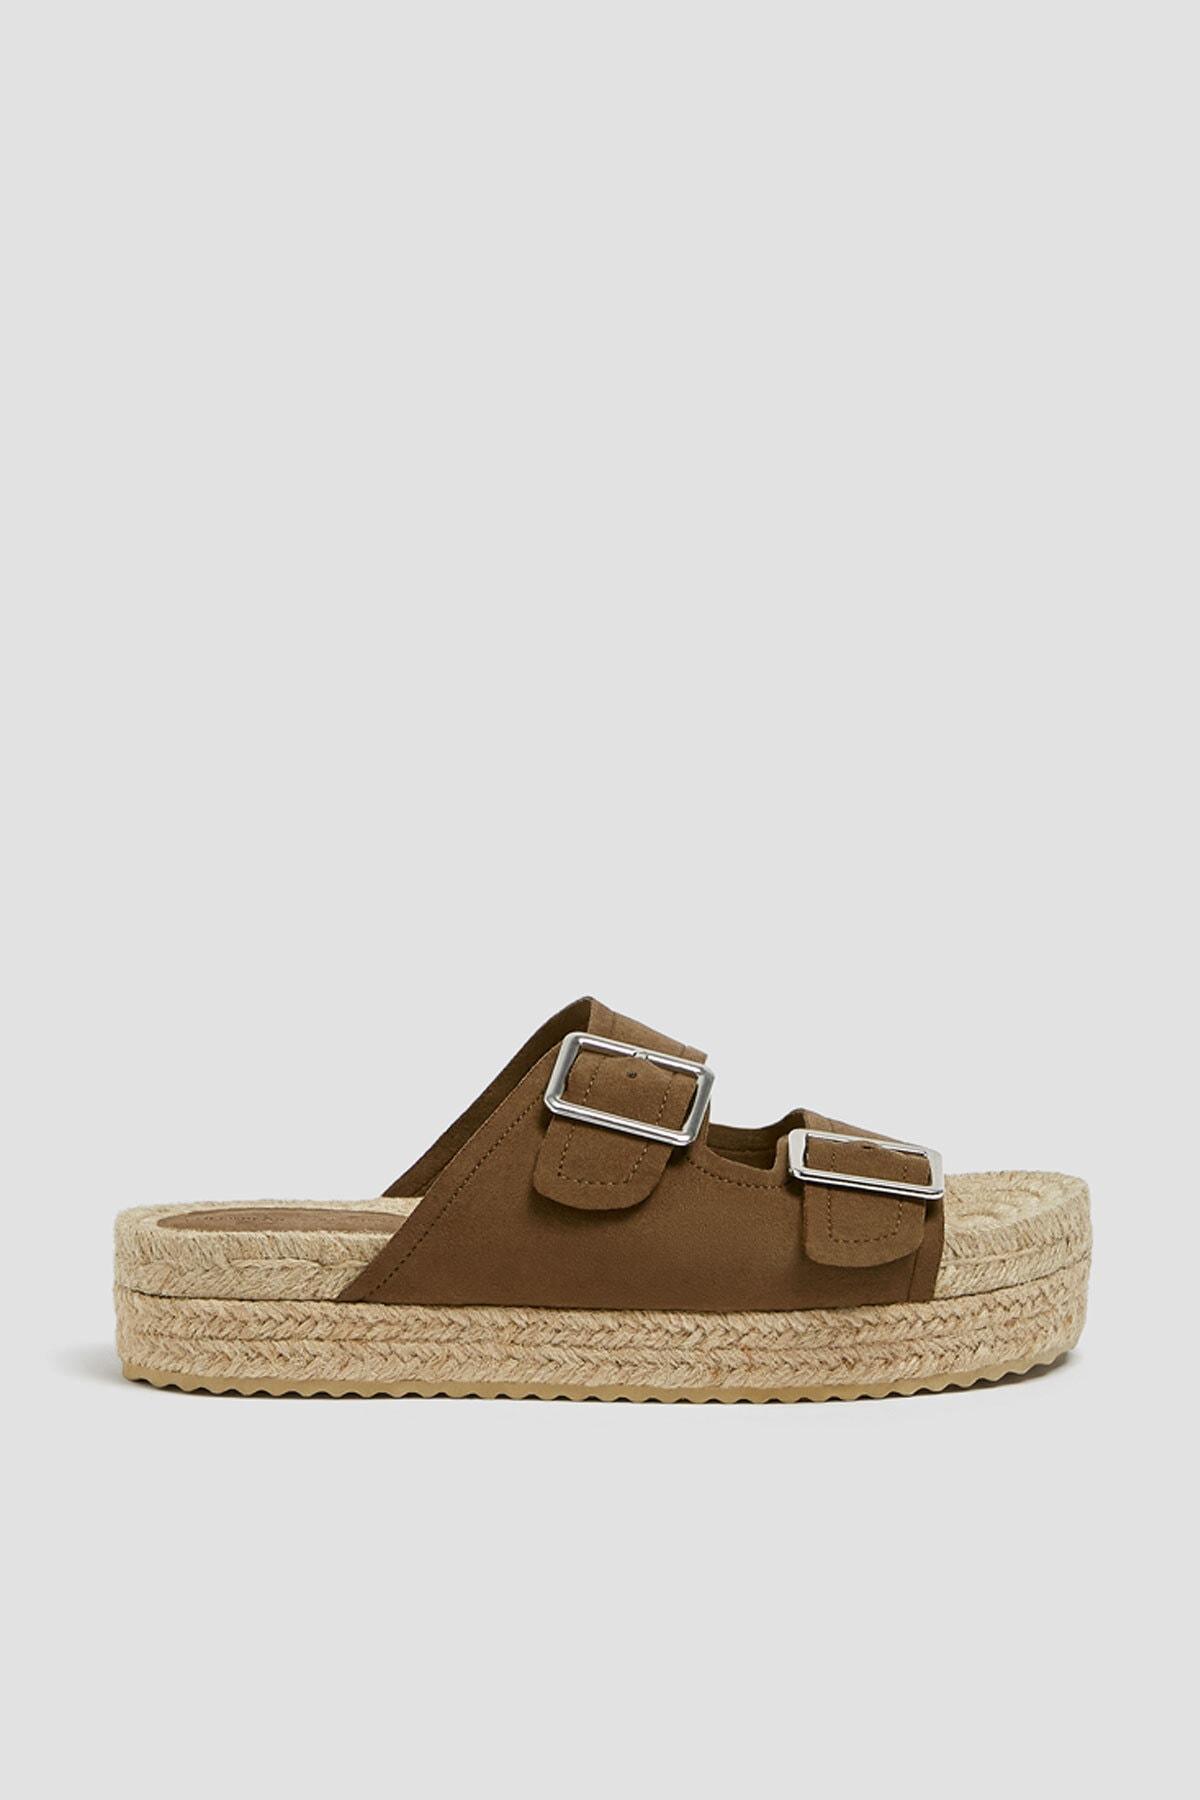 Pull & Bear Kadın Haki Tokalı Jüt Tabanlı Sandalet 11662540